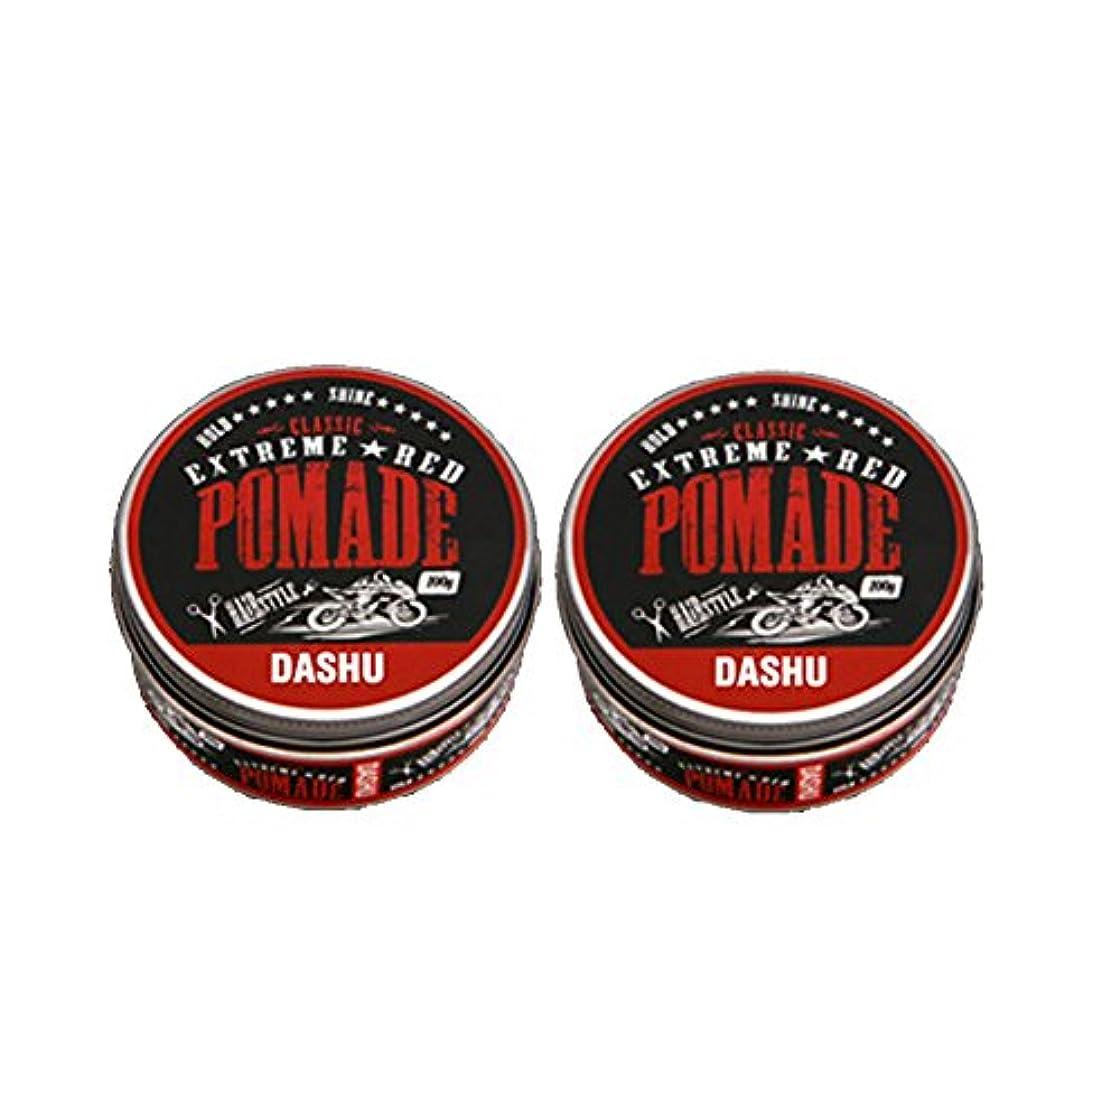 弾丸噴出する生きている(2個セット) x [DASHU] ダシュ クラシックエクストリームレッドポマード Classic Extreme Red Pomade Hair Wax 100ml / 韓国製 . 韓国直送品